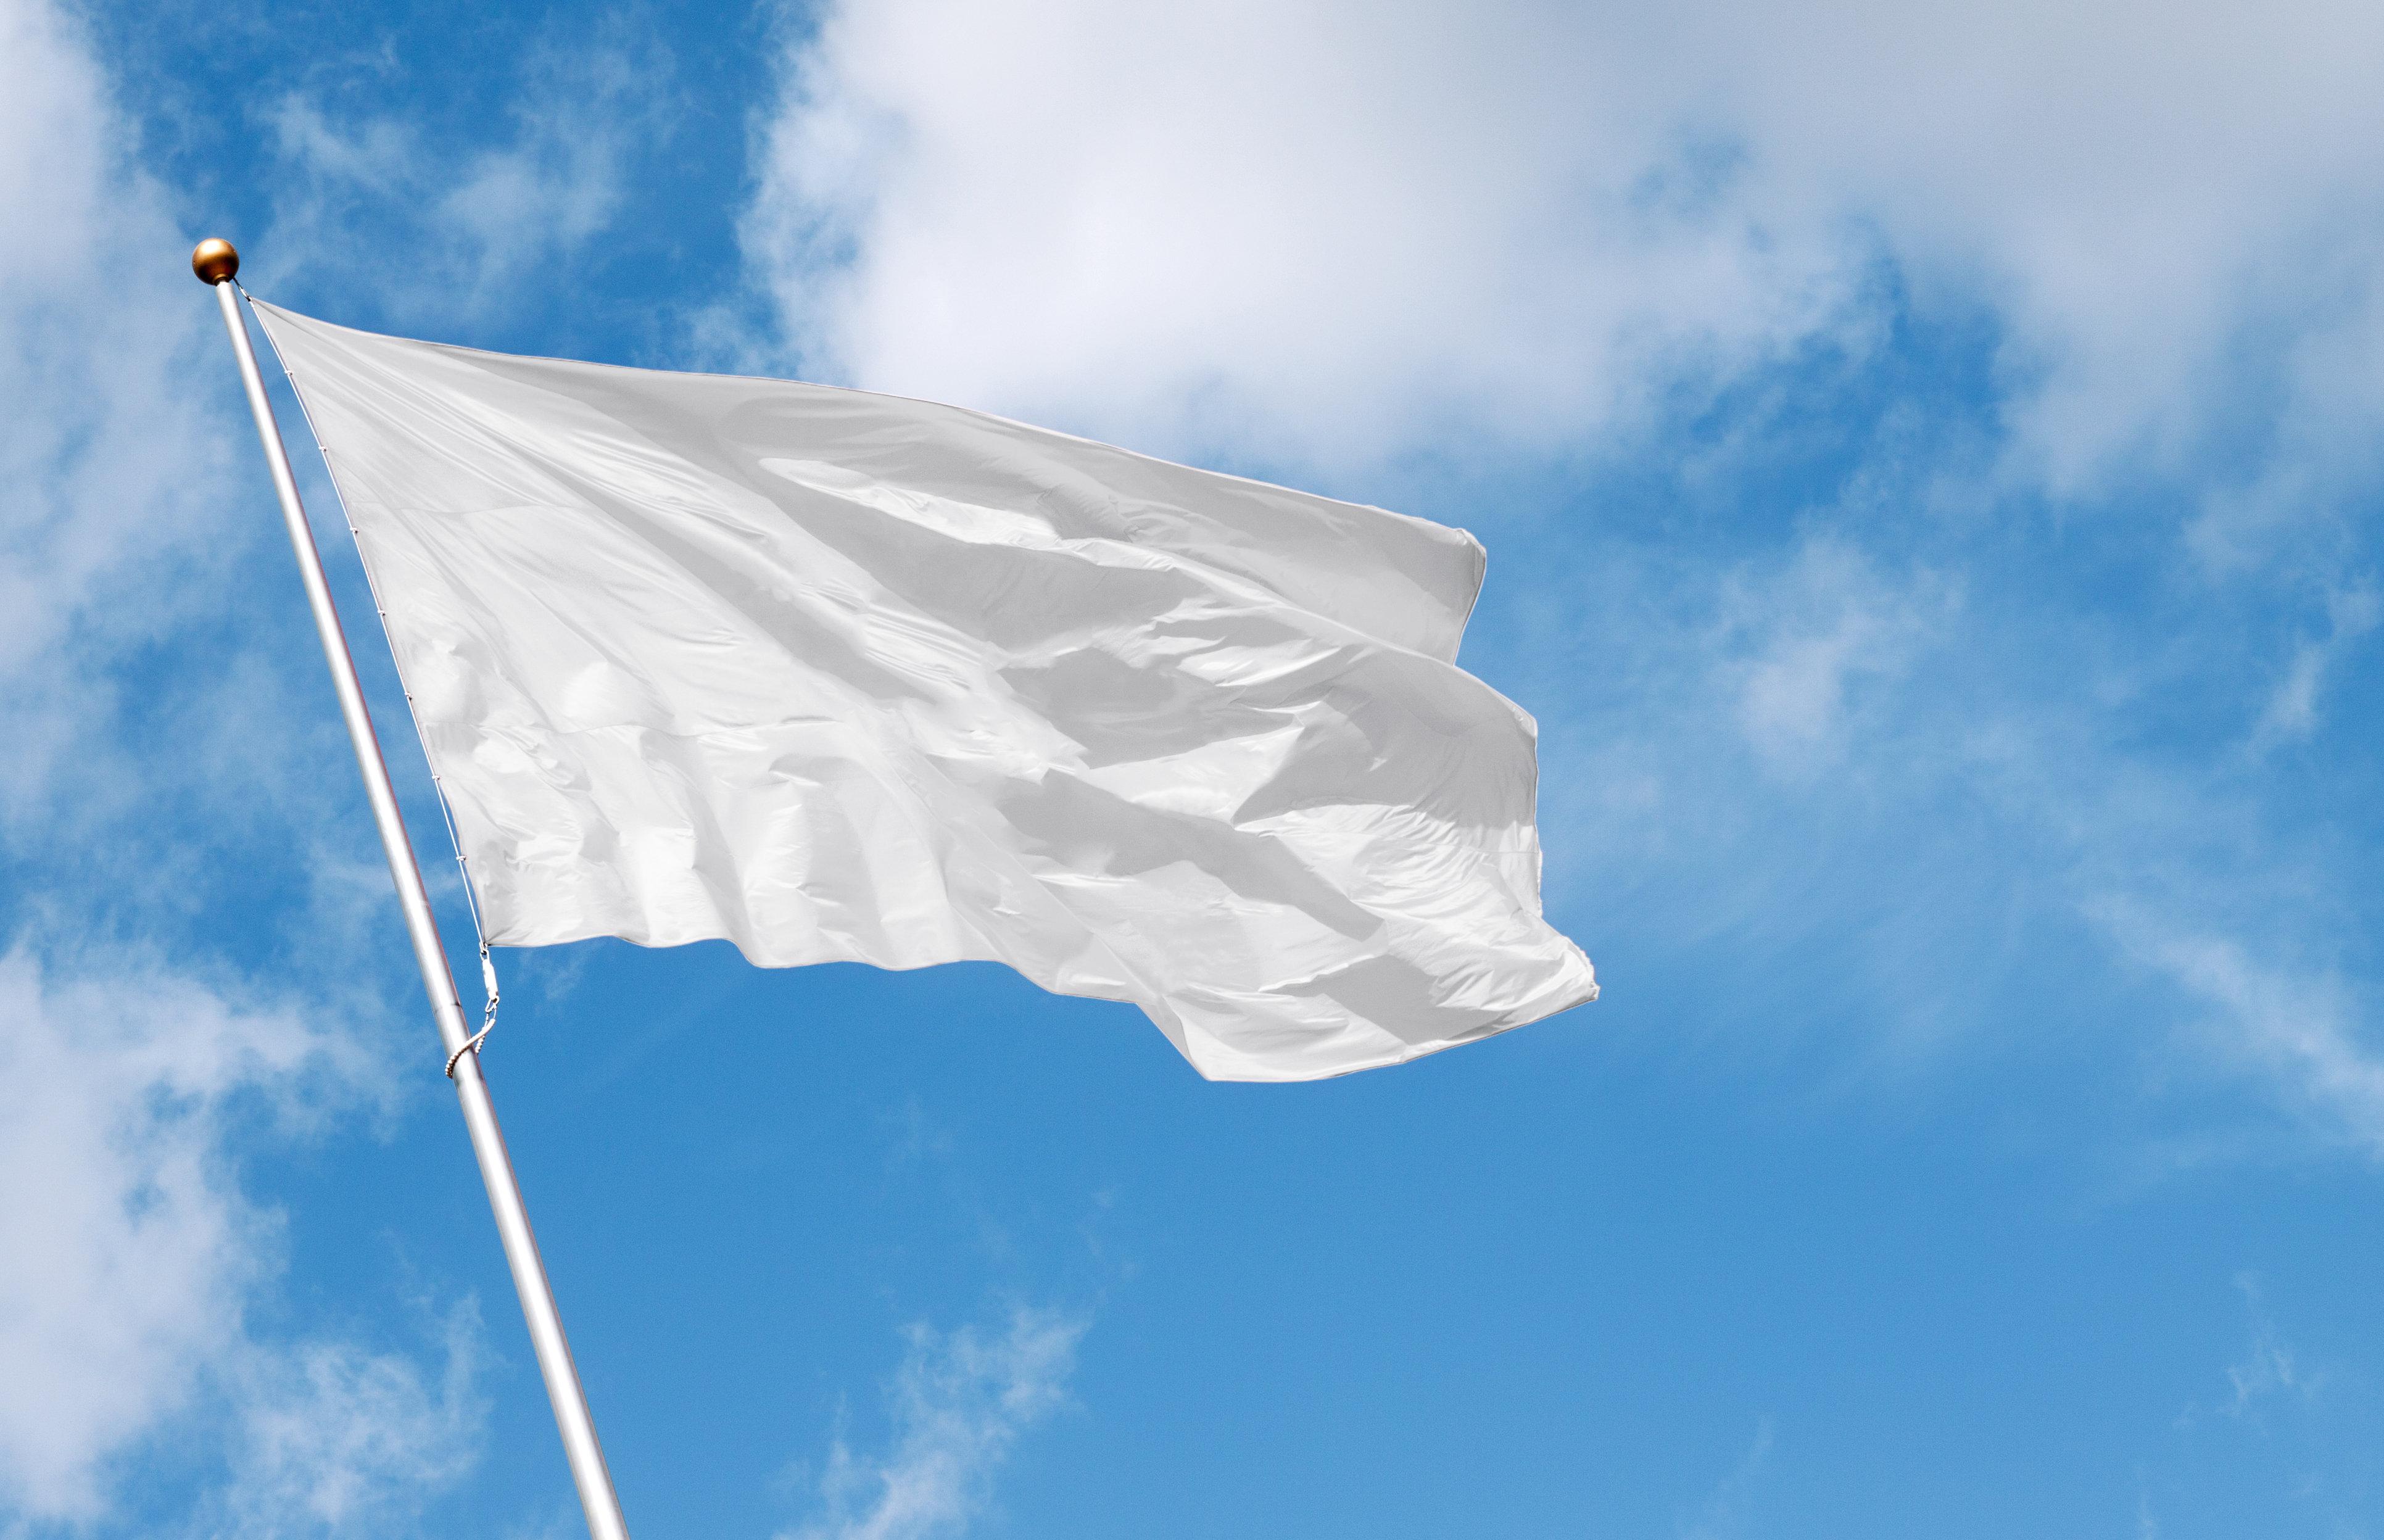 Banderas Textiles Pastor